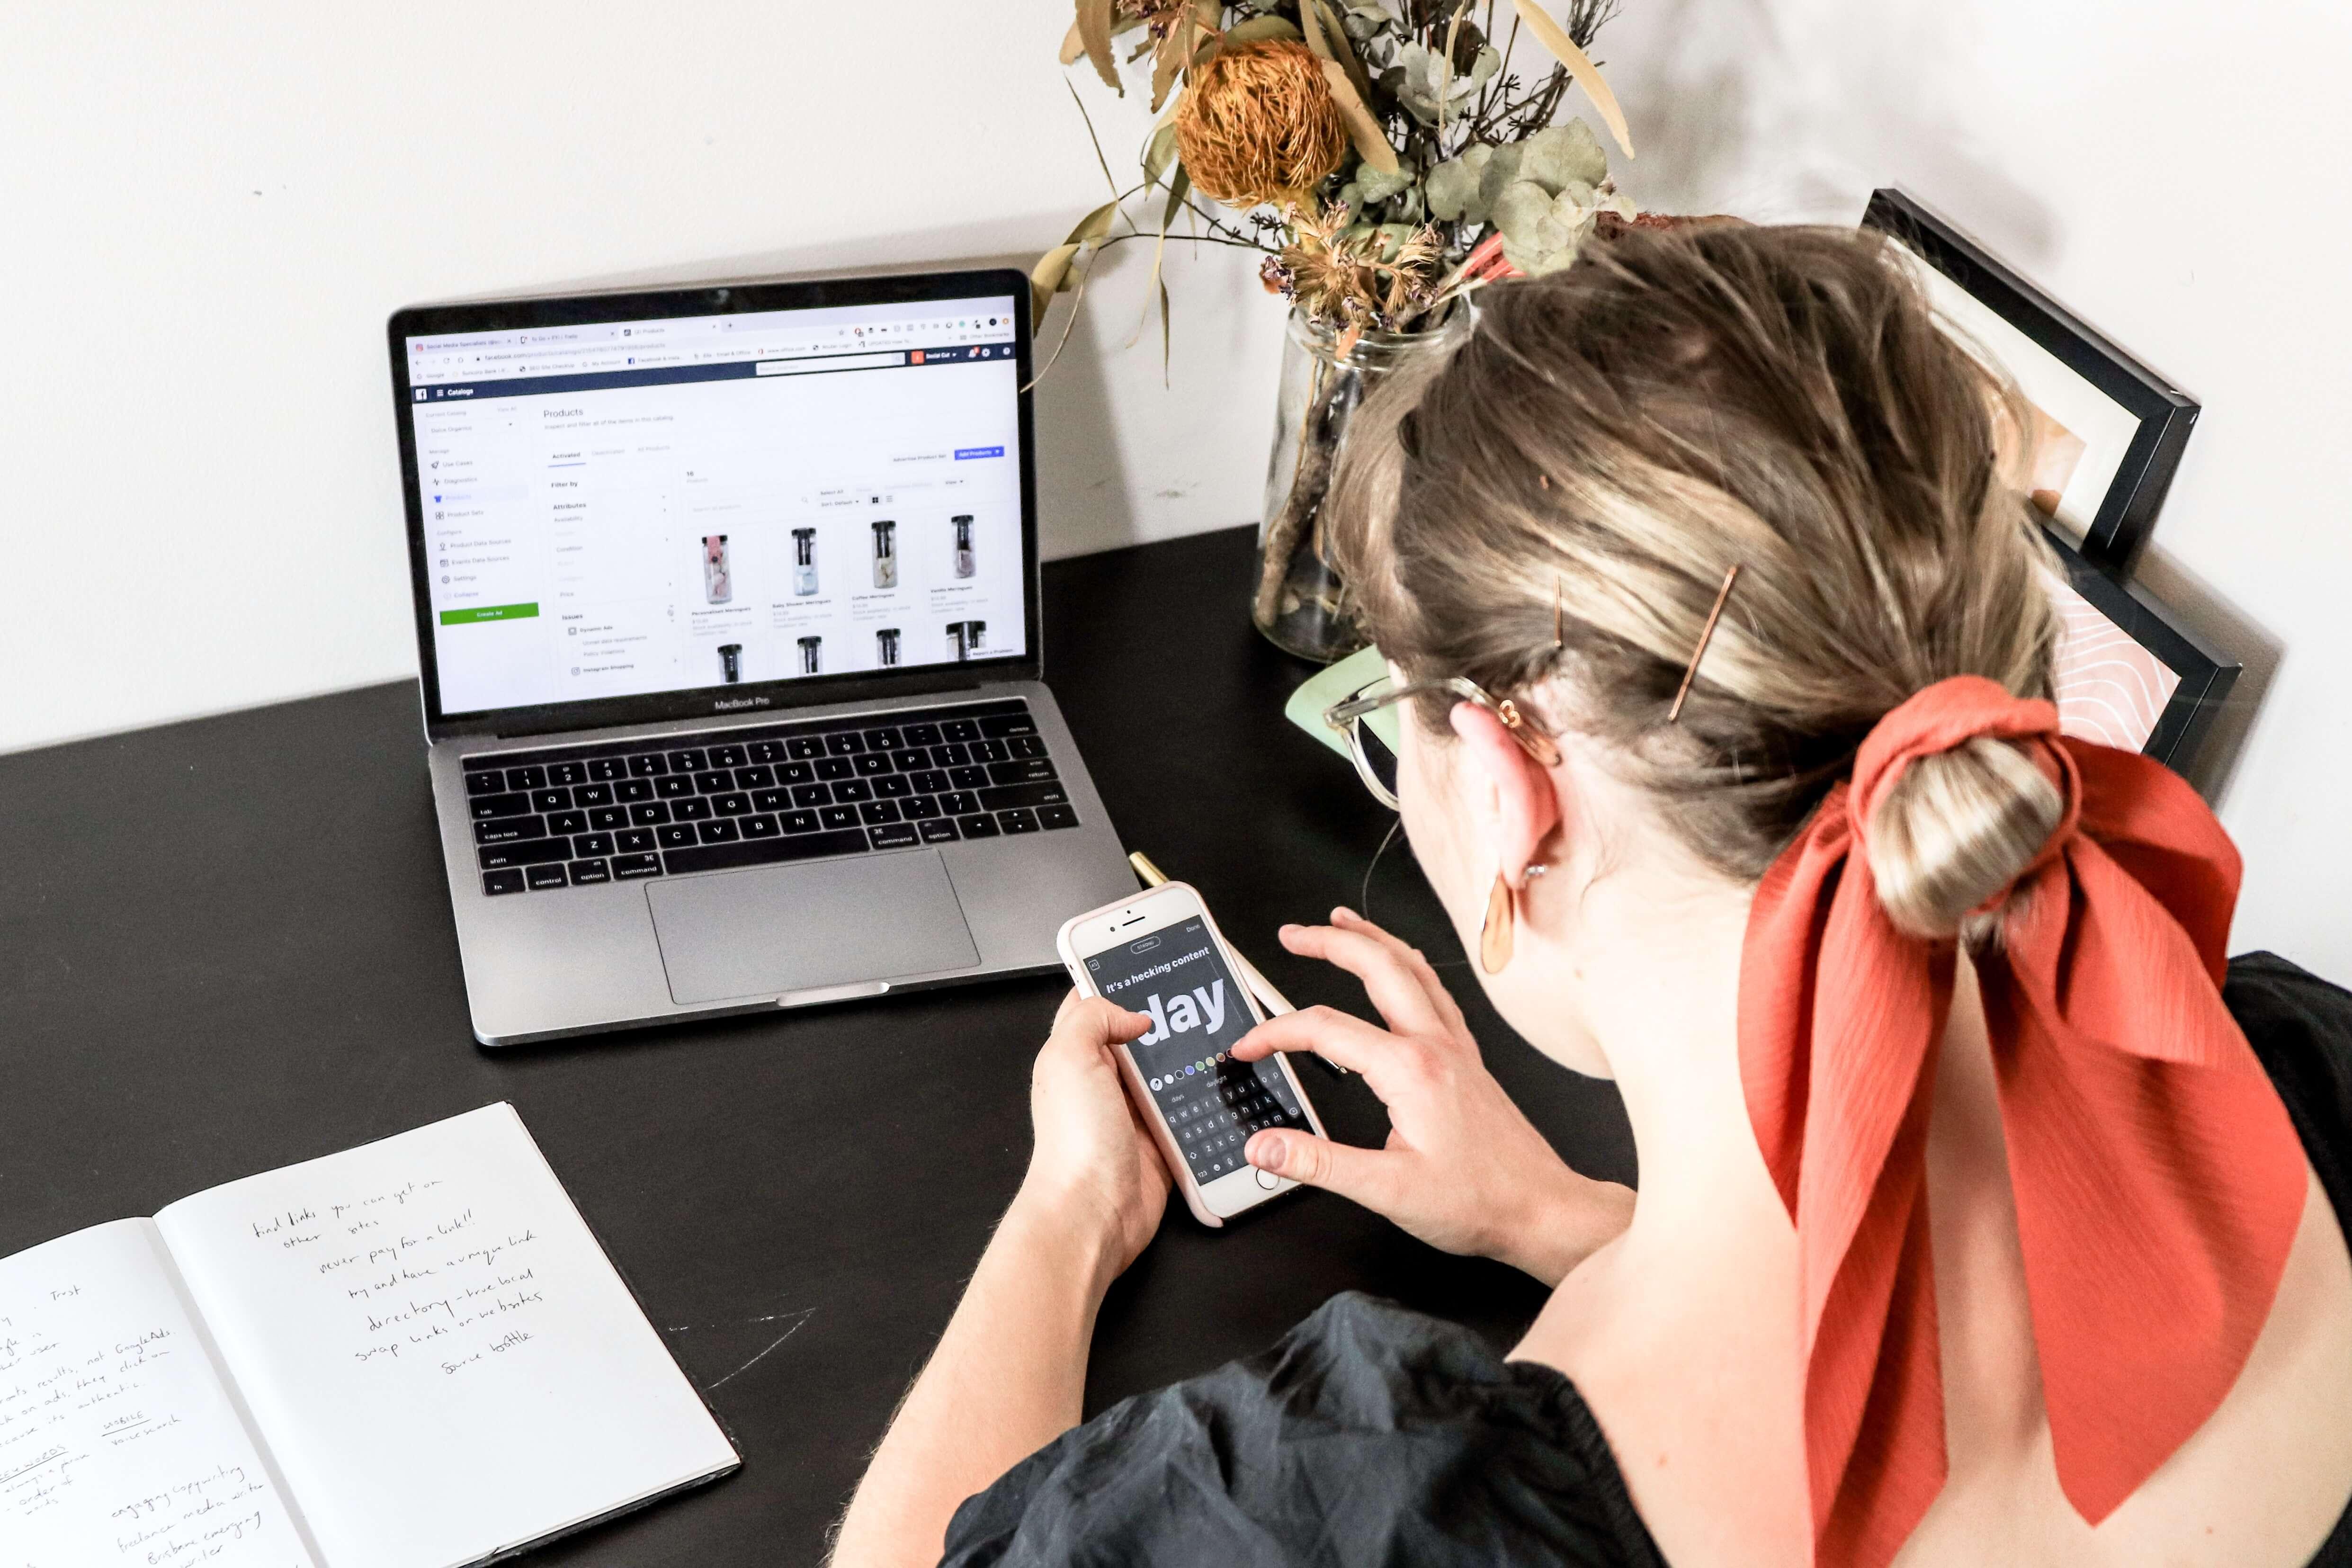 Conoce los productos y servicios más vendidos por redes sociales